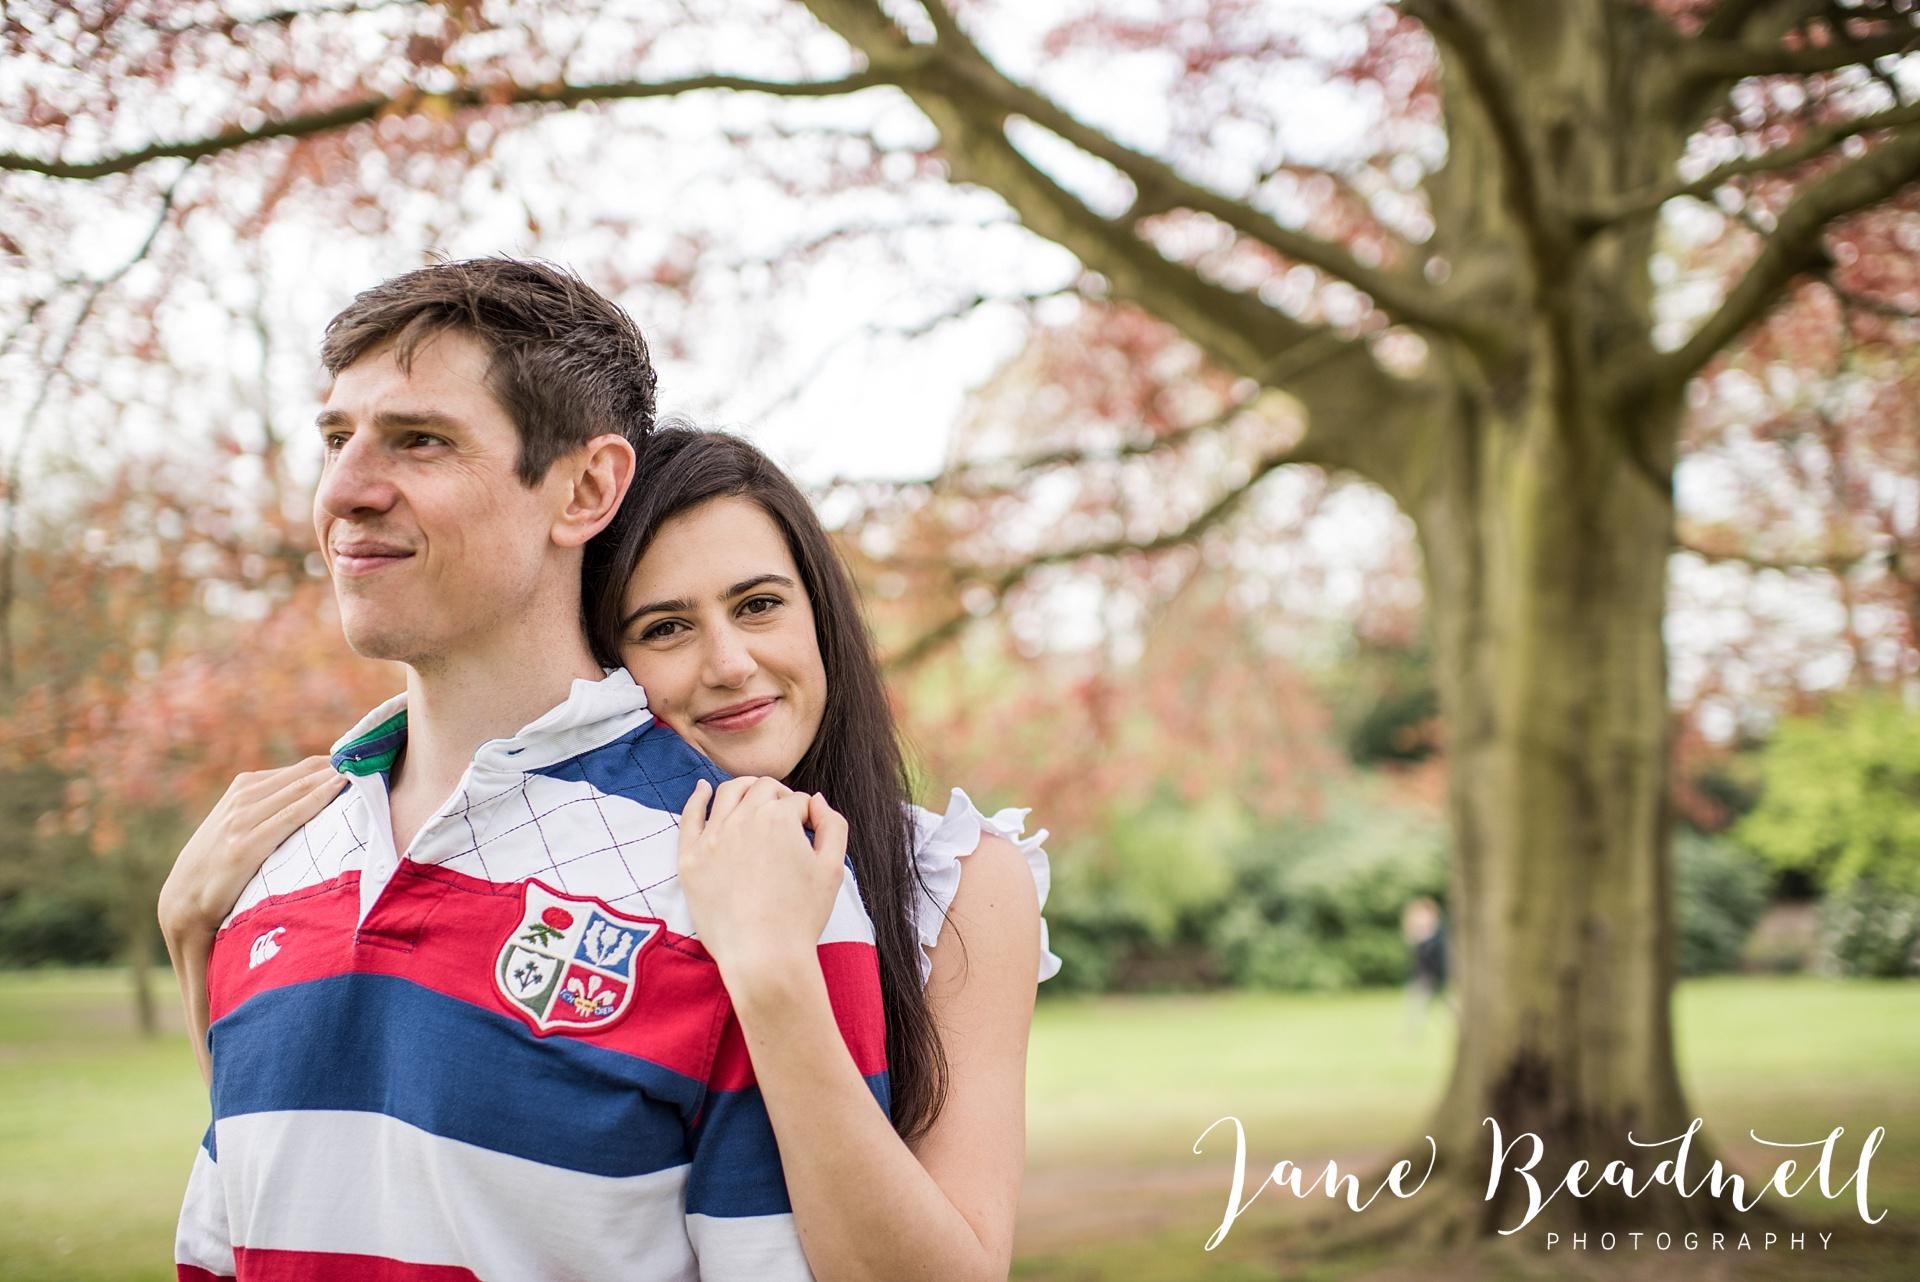 Yorkshire Sculpture Park Engagement Shoot Leeds wedding photographer Jane Beadnell_0032